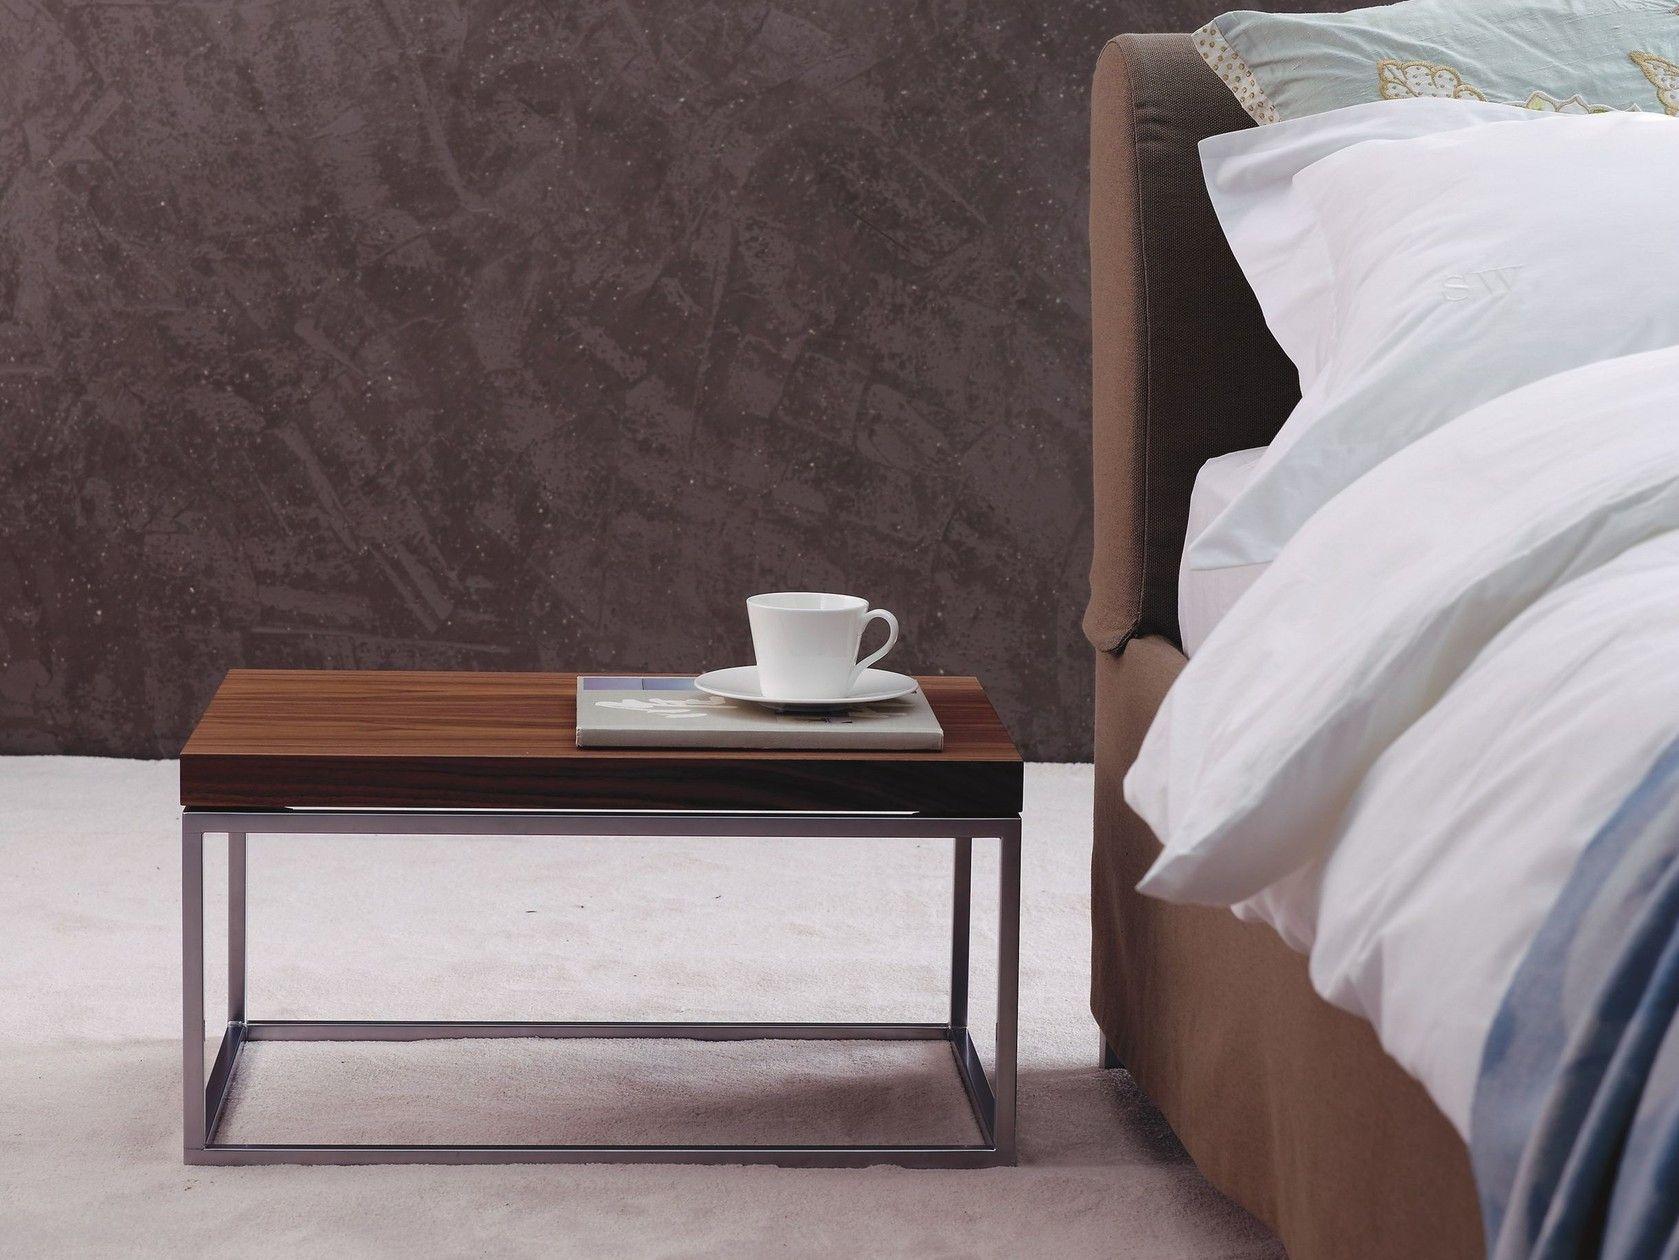 Schramm Werkstätten lacquered wooden bedside table with drawers bt 30 0 by schramm